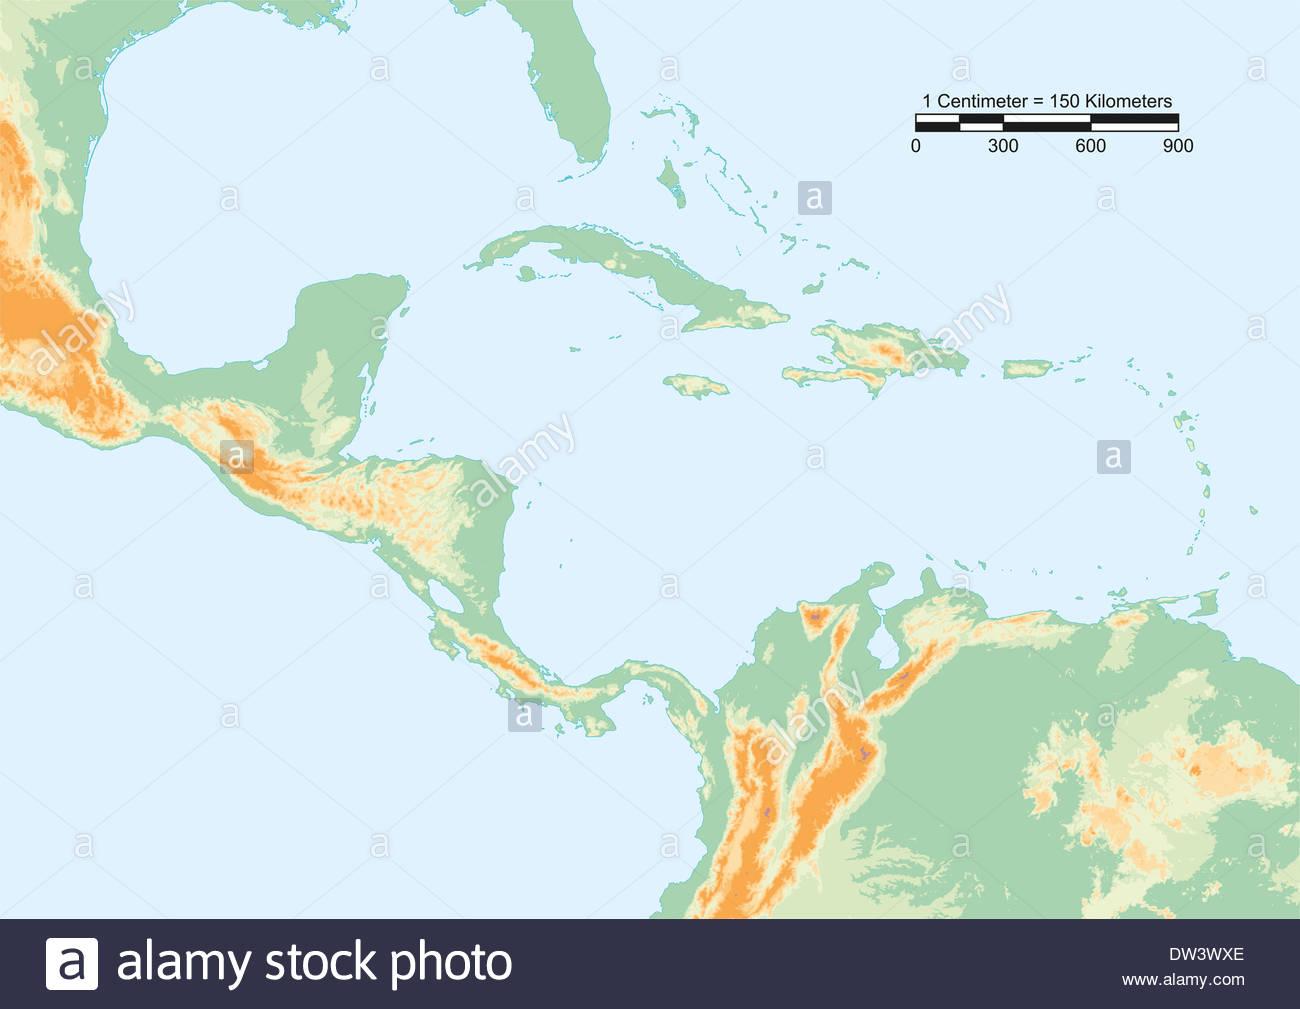 Cartina Fisica Dell America Centrale.Cartina Fisica Dell America Centrale Con Scala Gli Elementi